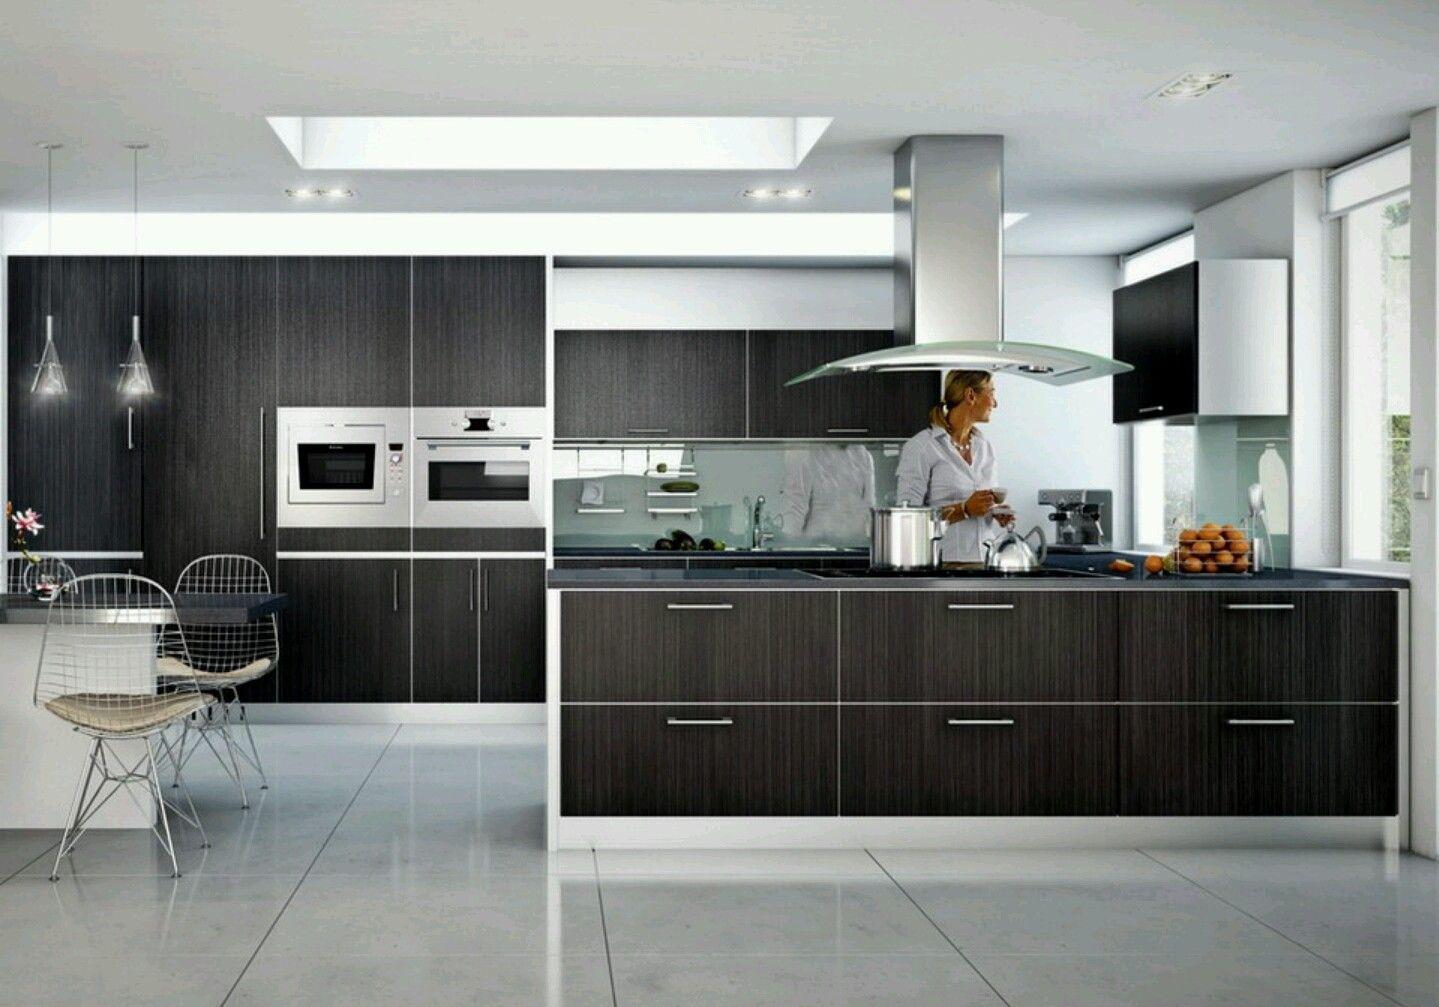 Cocinas contemporáneas, ¡ideas, consejos e inspiración! | Cocina ...